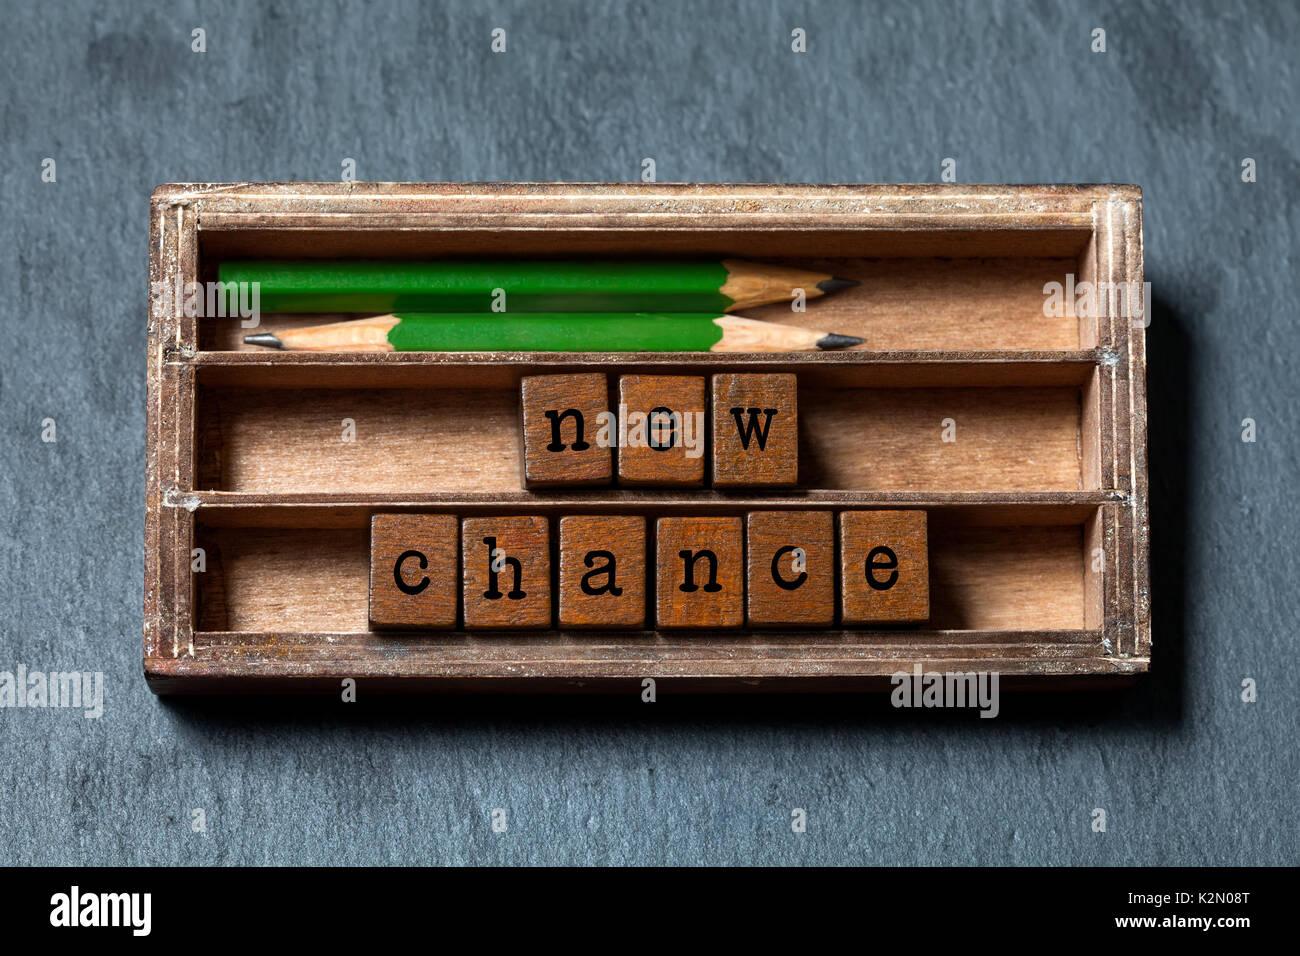 Nuova chance frase. Motivazione e aspettative positive concetto. Scatola vintage, cubi di legno con il vecchio stile lettere, verde matite. La pietra grigia textured background. Close-up, vista, soft focus Immagini Stock